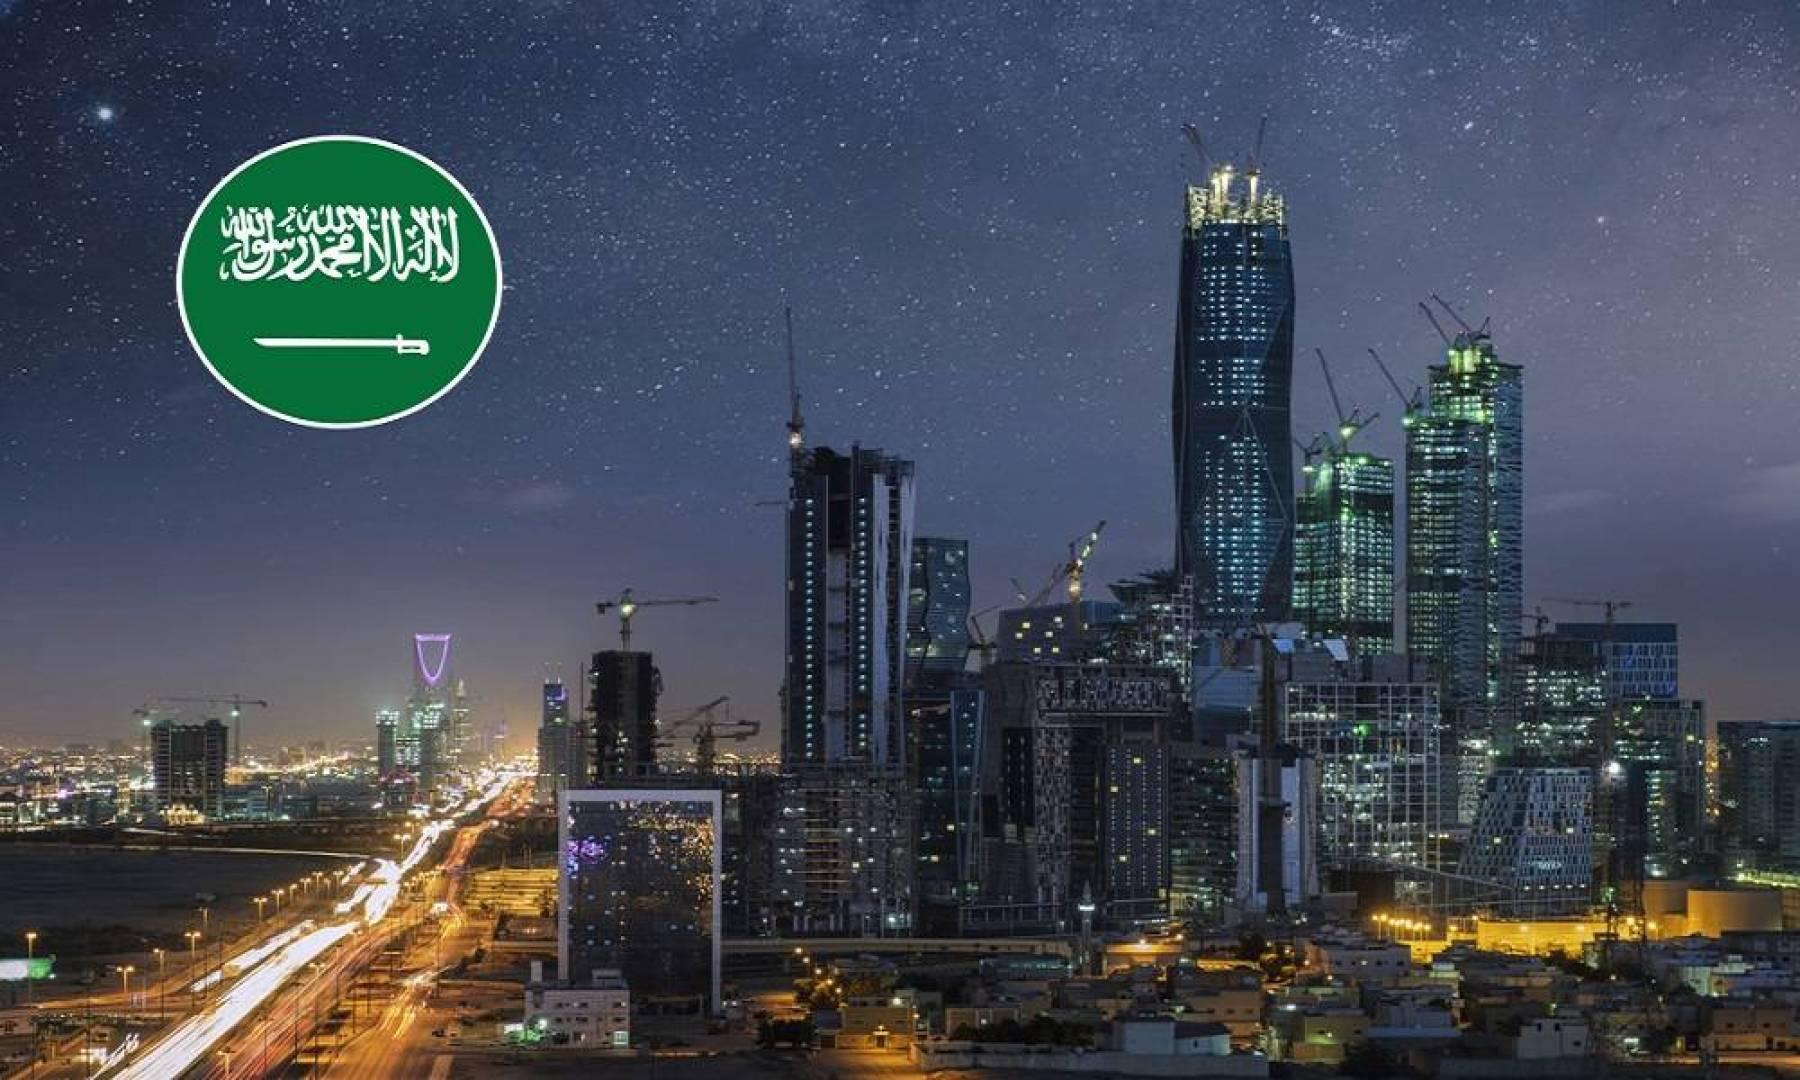 السعودية تمدد المبادرات الحكومية لدعم القطاع الخاص والمستثمرين لتخفيف آثار جائحة كورونا